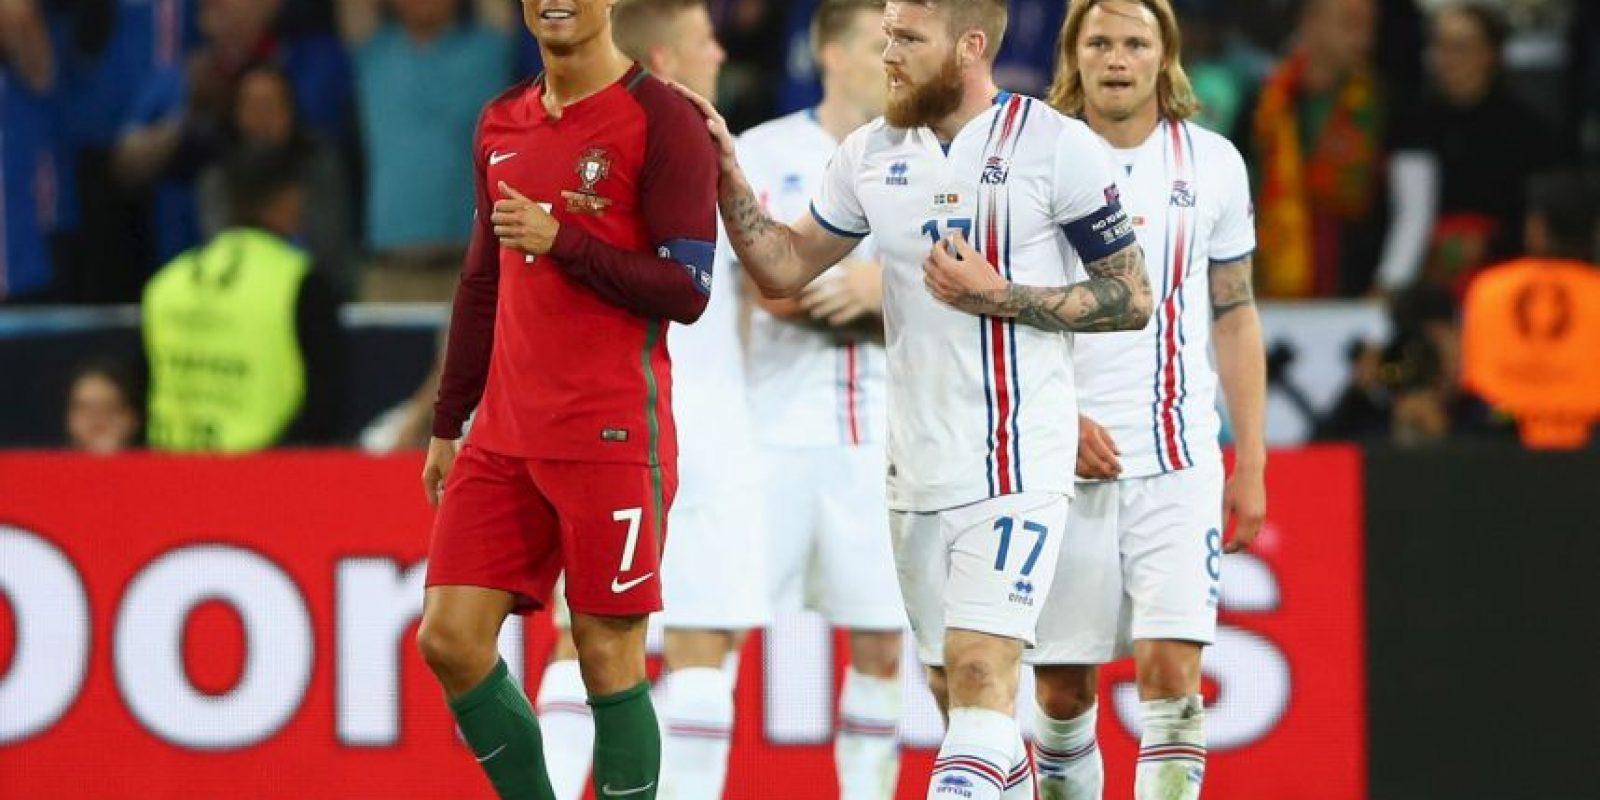 Las dudas y el enojo en el debut contra Islandia Foto:Getty Images